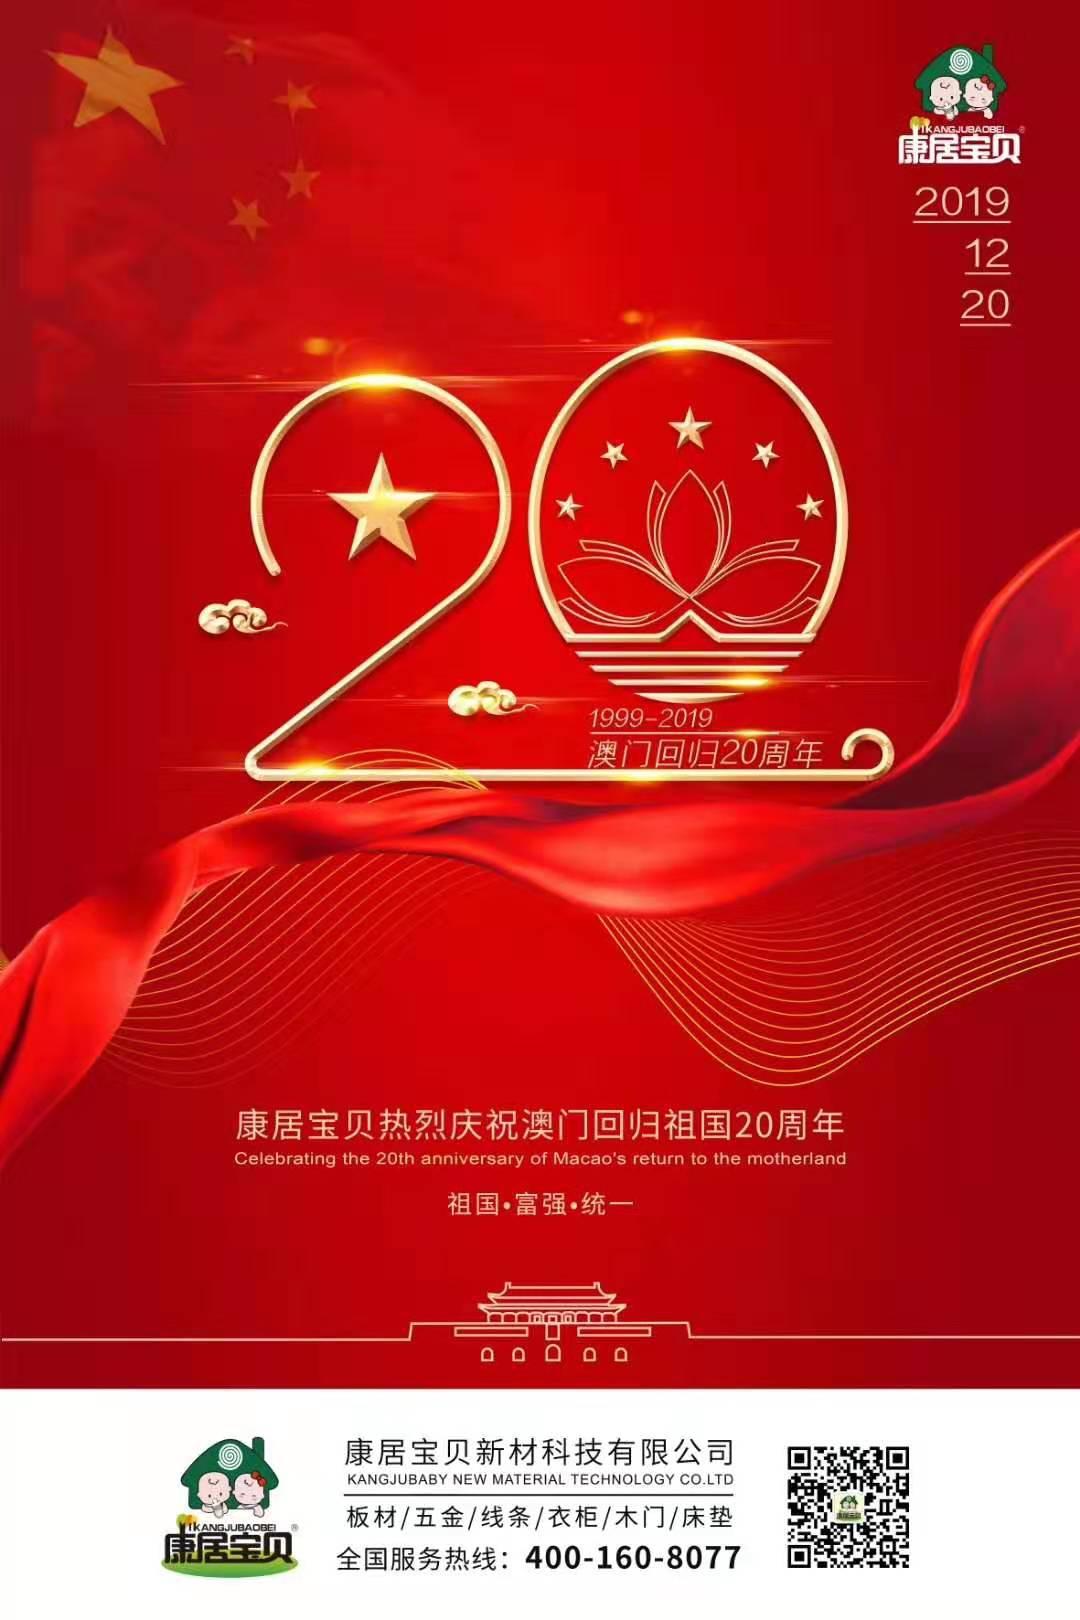 康居宝贝热烈庆祝澳门回归祖国20周年